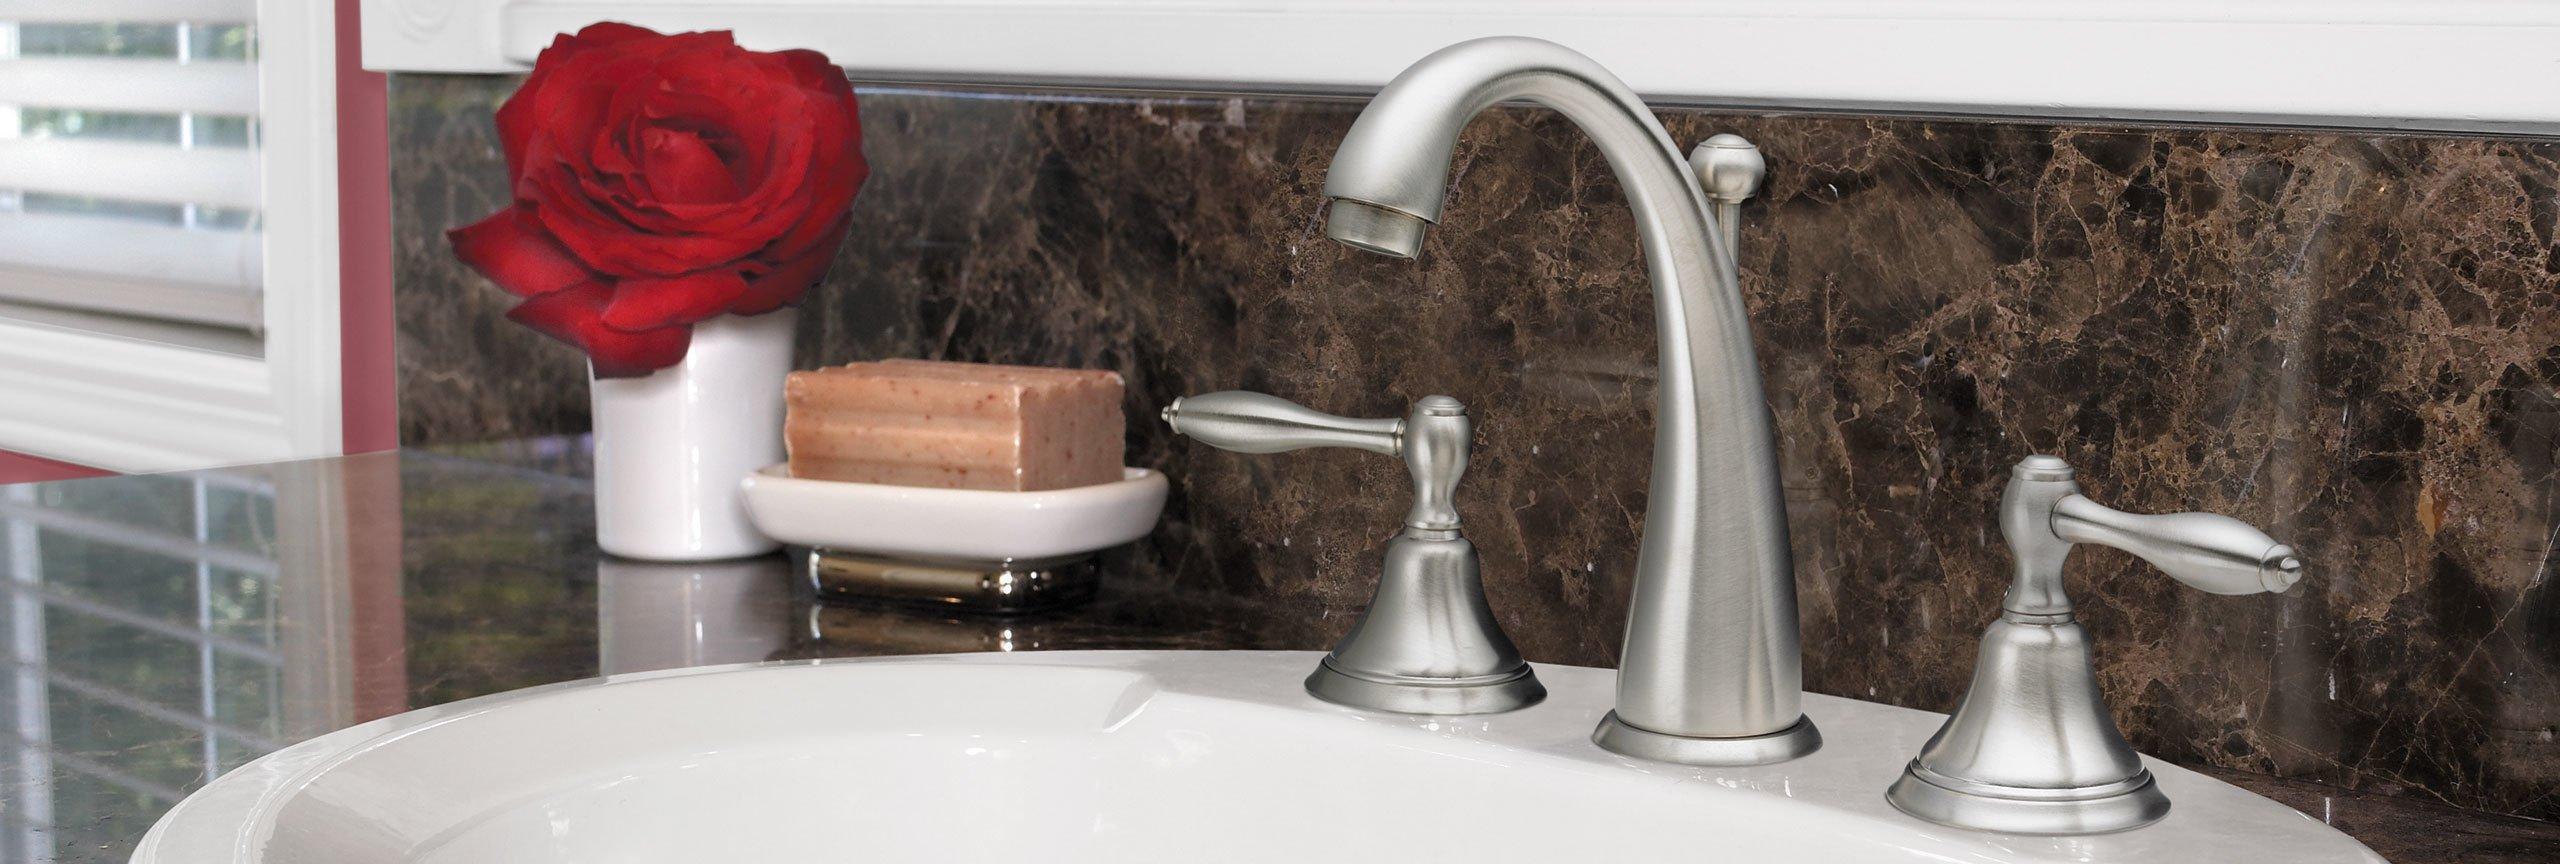 bathroom series Mendocino widespread faucet on sink